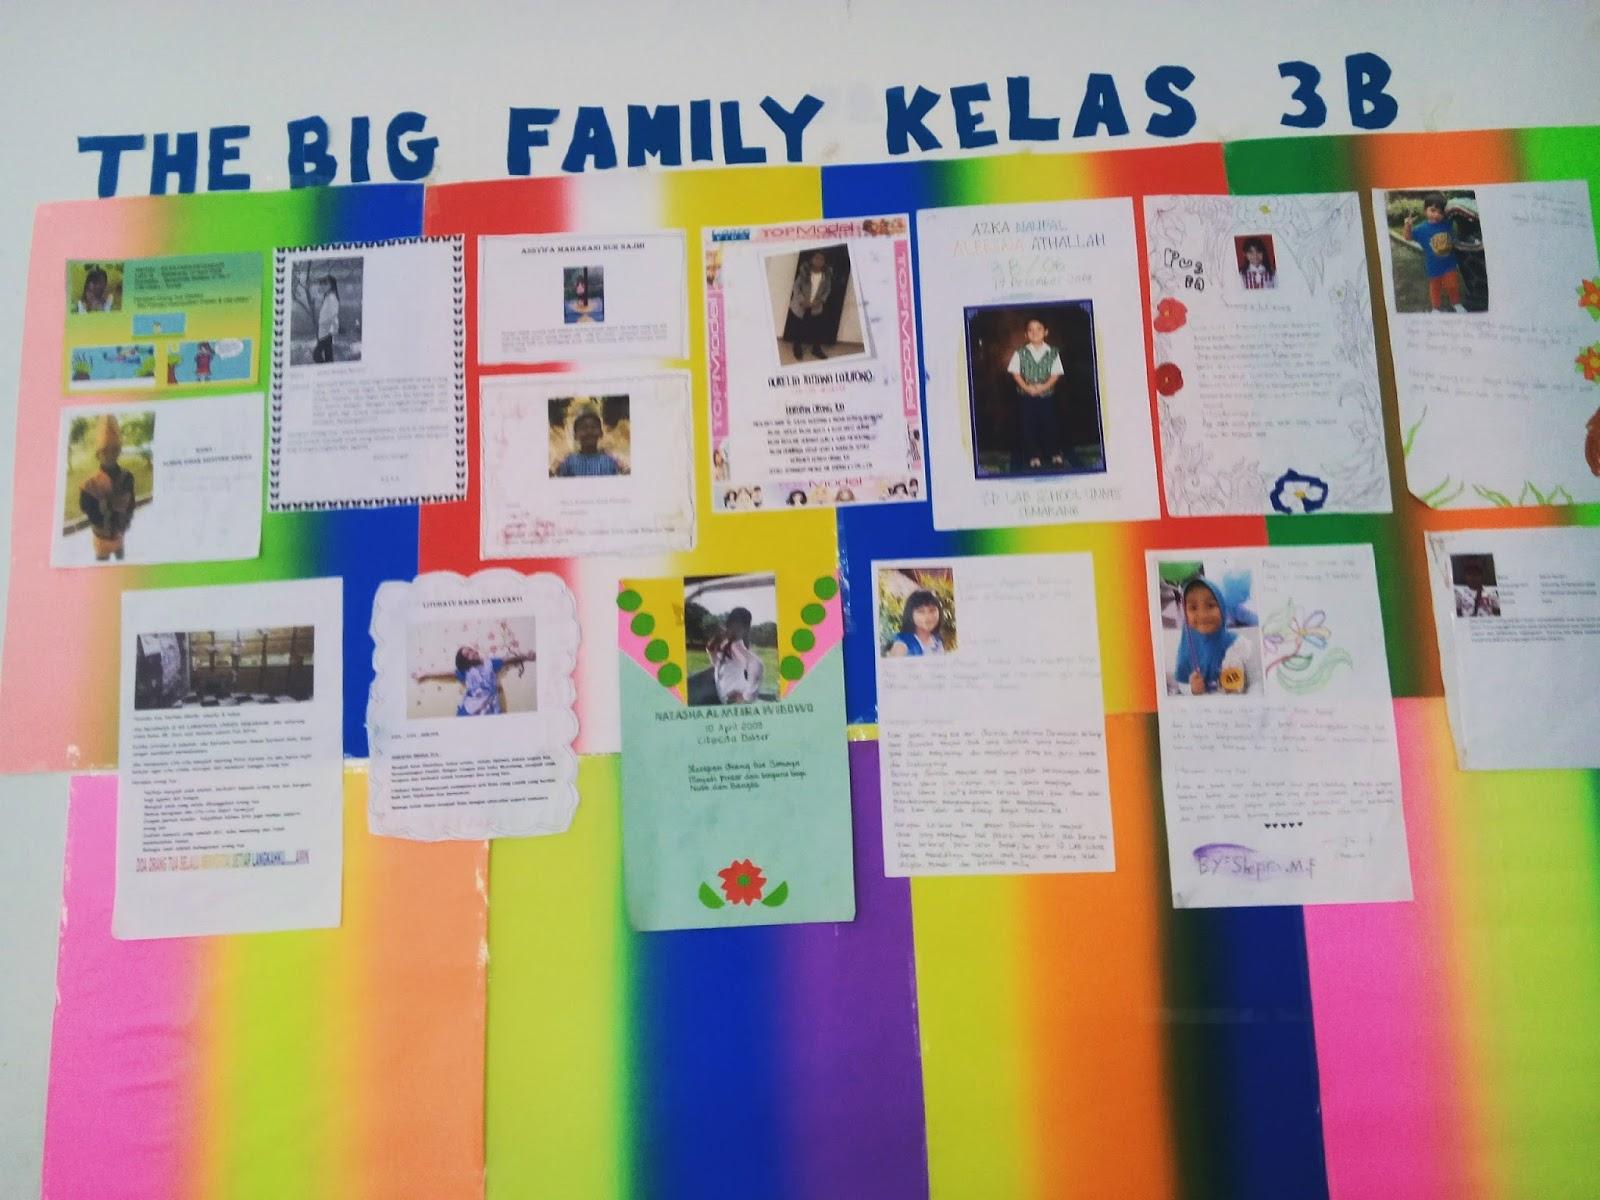 Ada Satu Hal Yang Kurang Dalam Hiasan Dinding Kelas Kami Selama Semester Kemarin Yaitu Galeri Foto Profil Para Penghuni